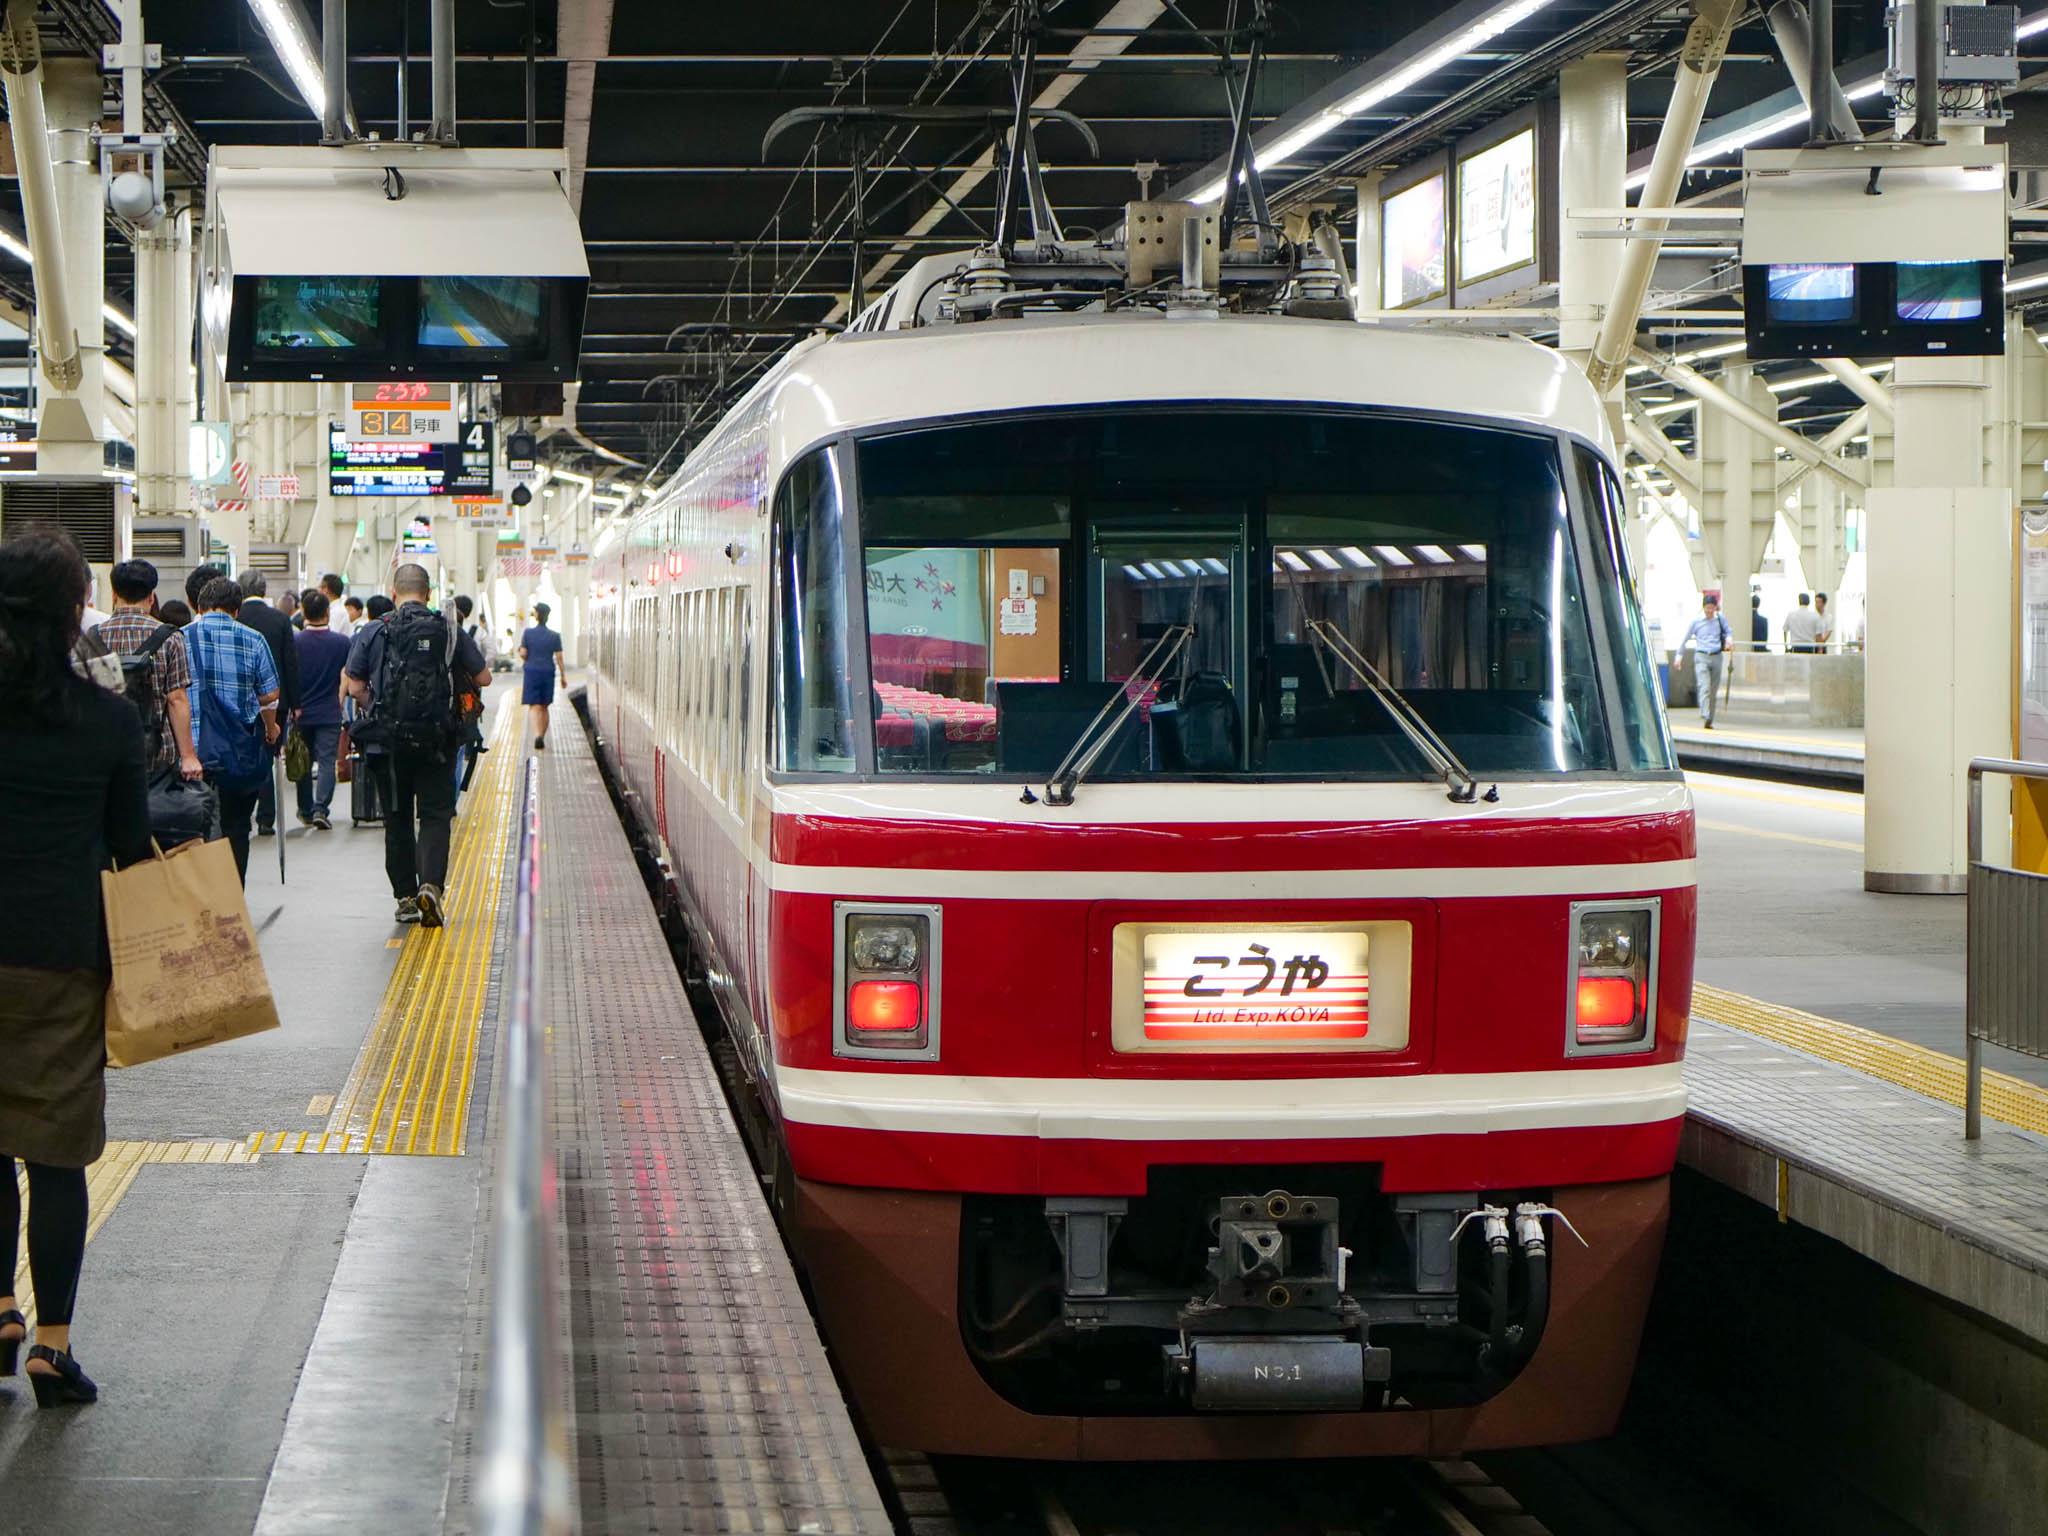 大阪・難波駅からこうや号に乗って高野山に行きます。